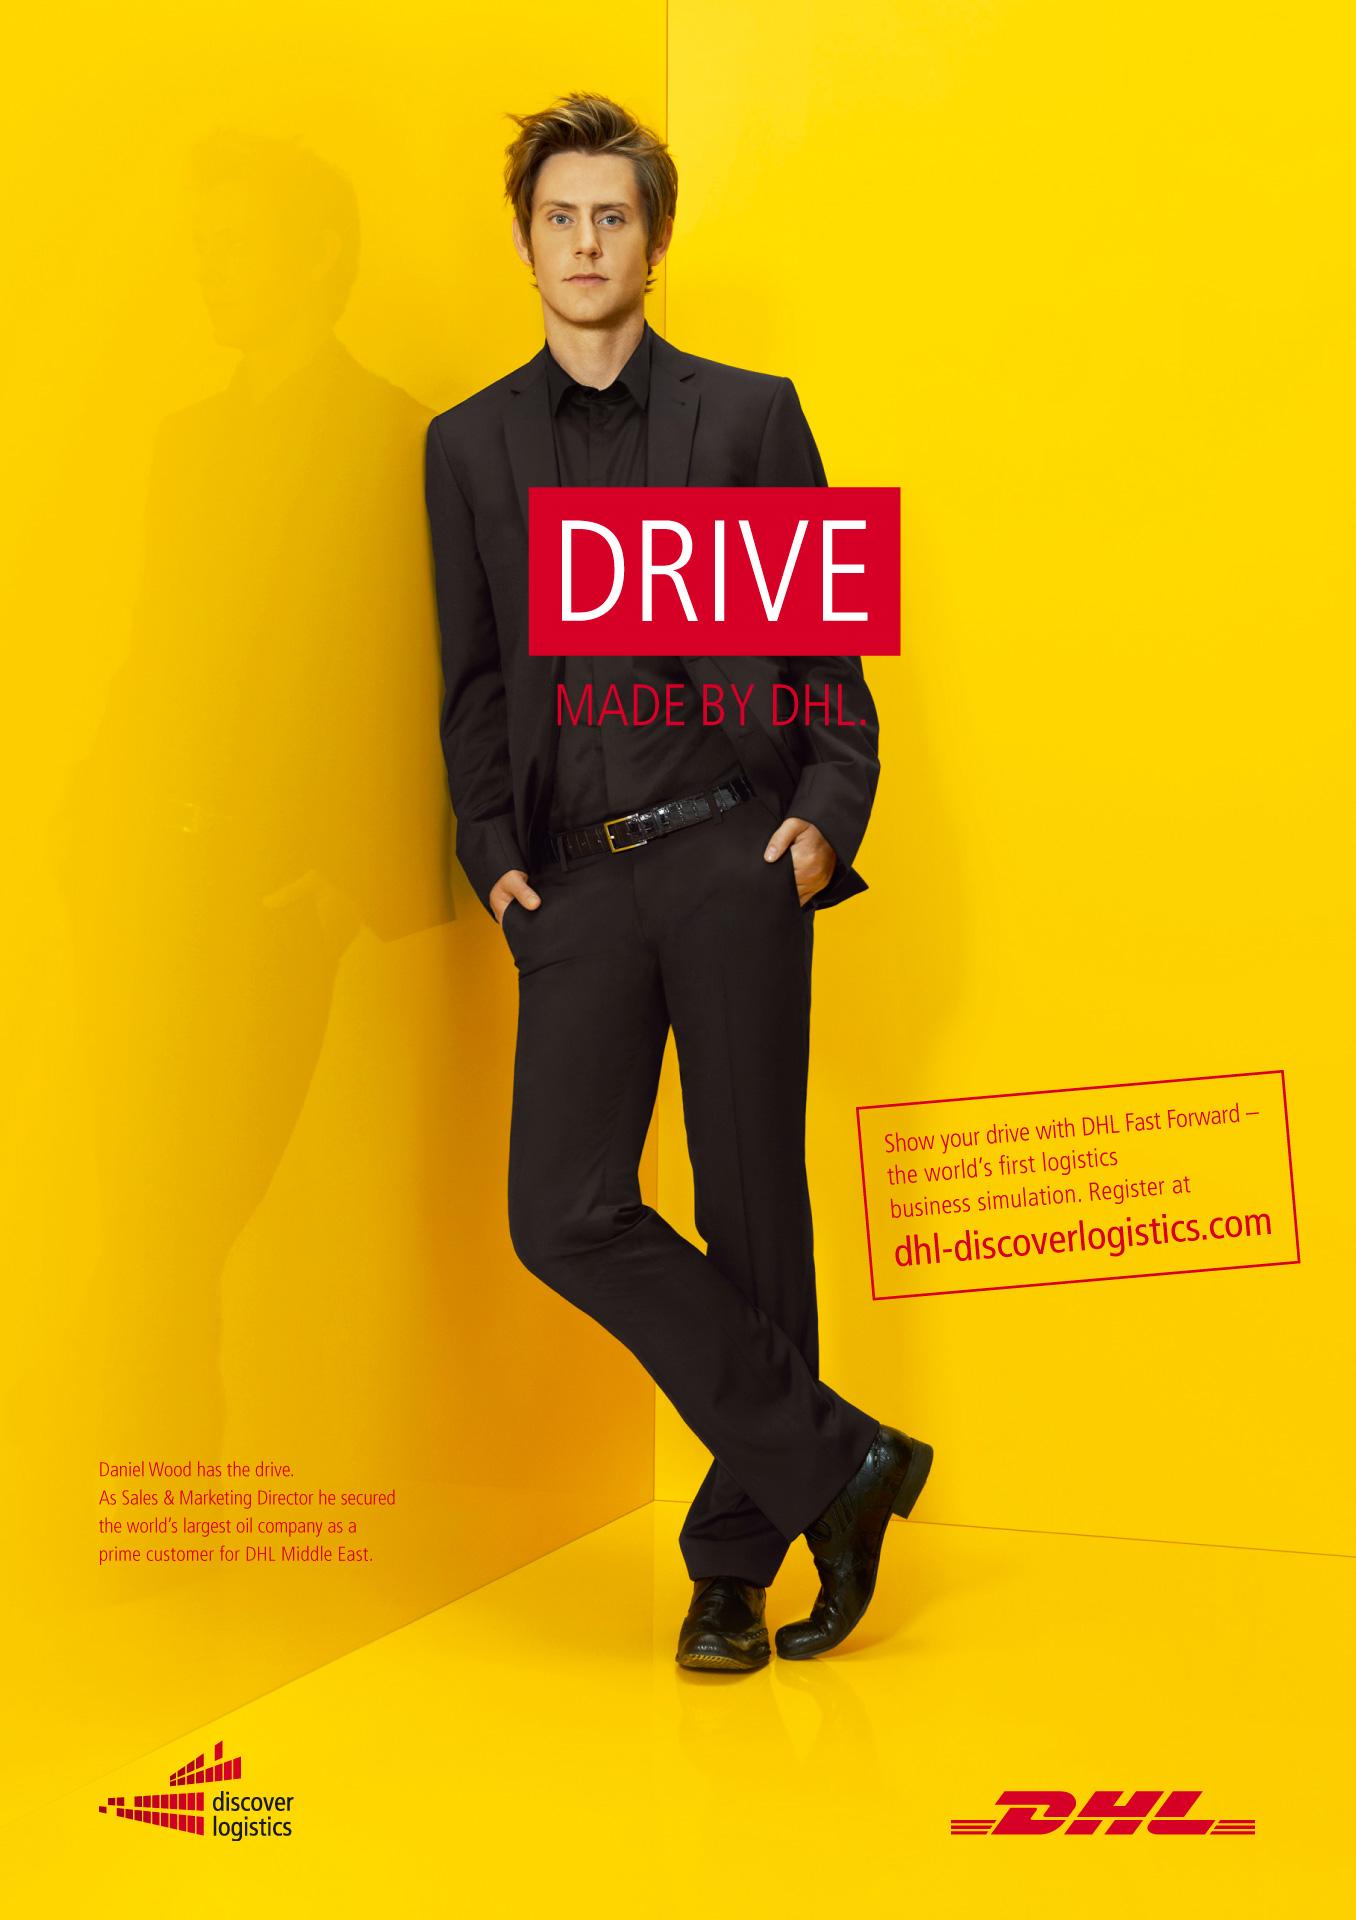 DHL_DiscoverLogistics_02_Ad